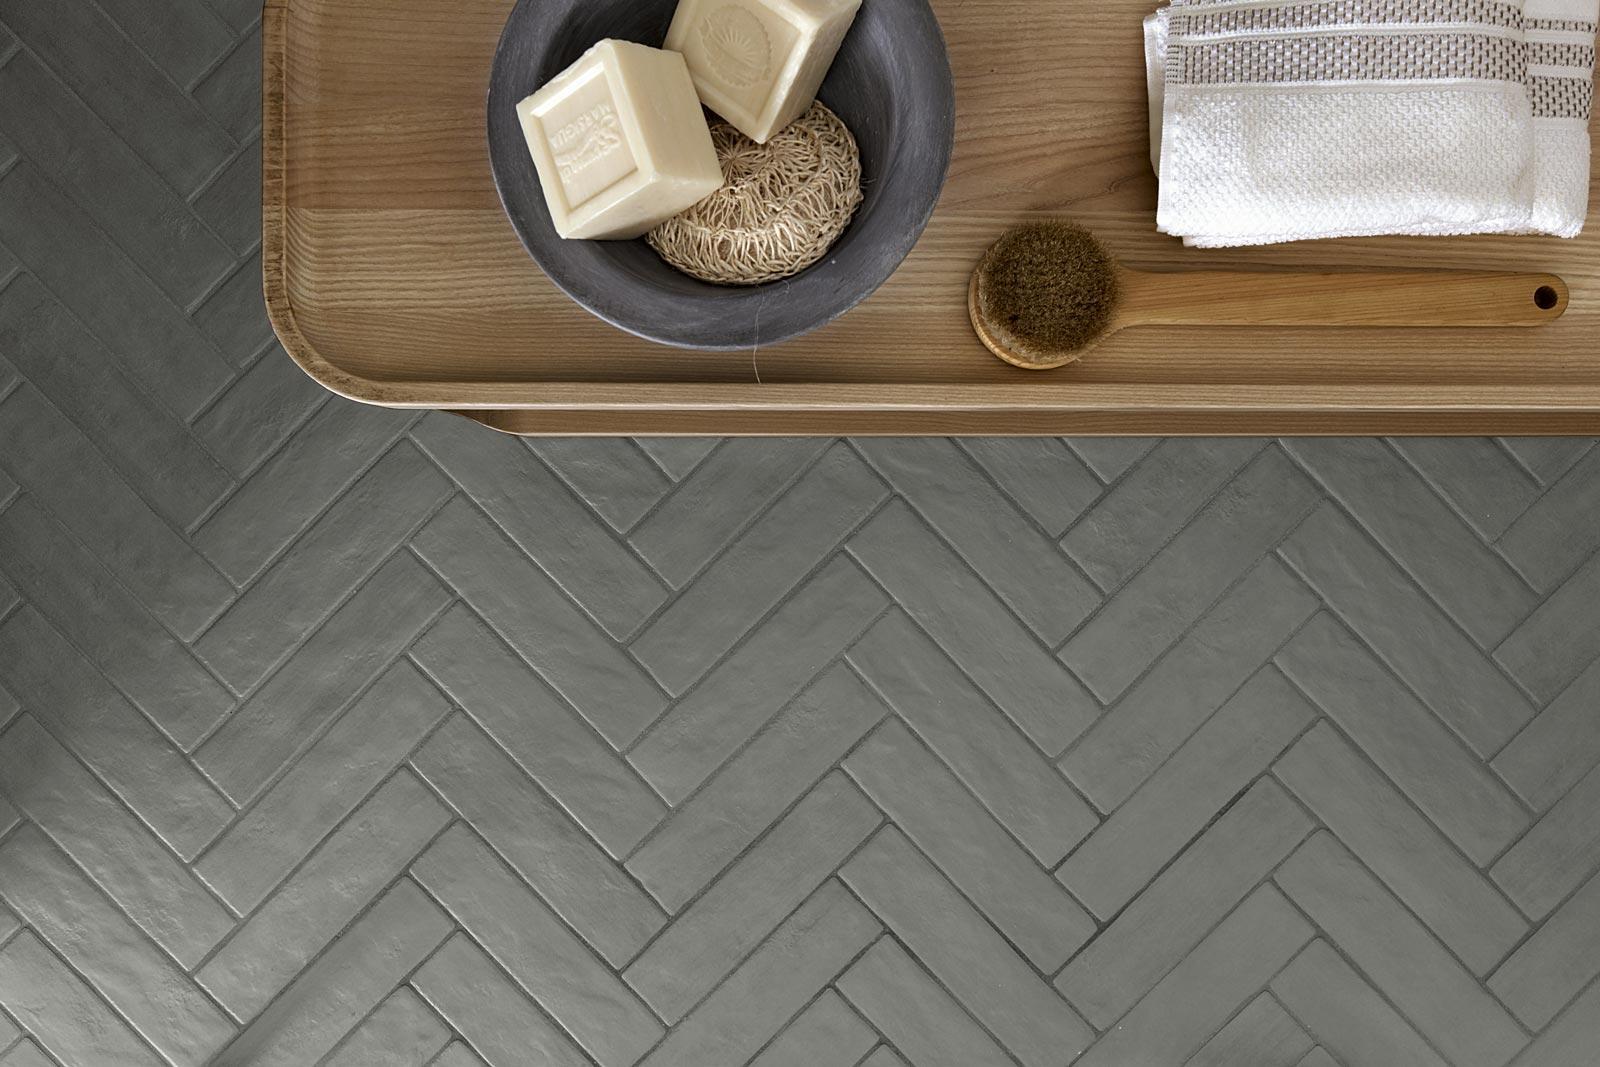 Piastrelle effetto cotto e cemento per interni ed esterni - Piastrelle effetto mattone ...